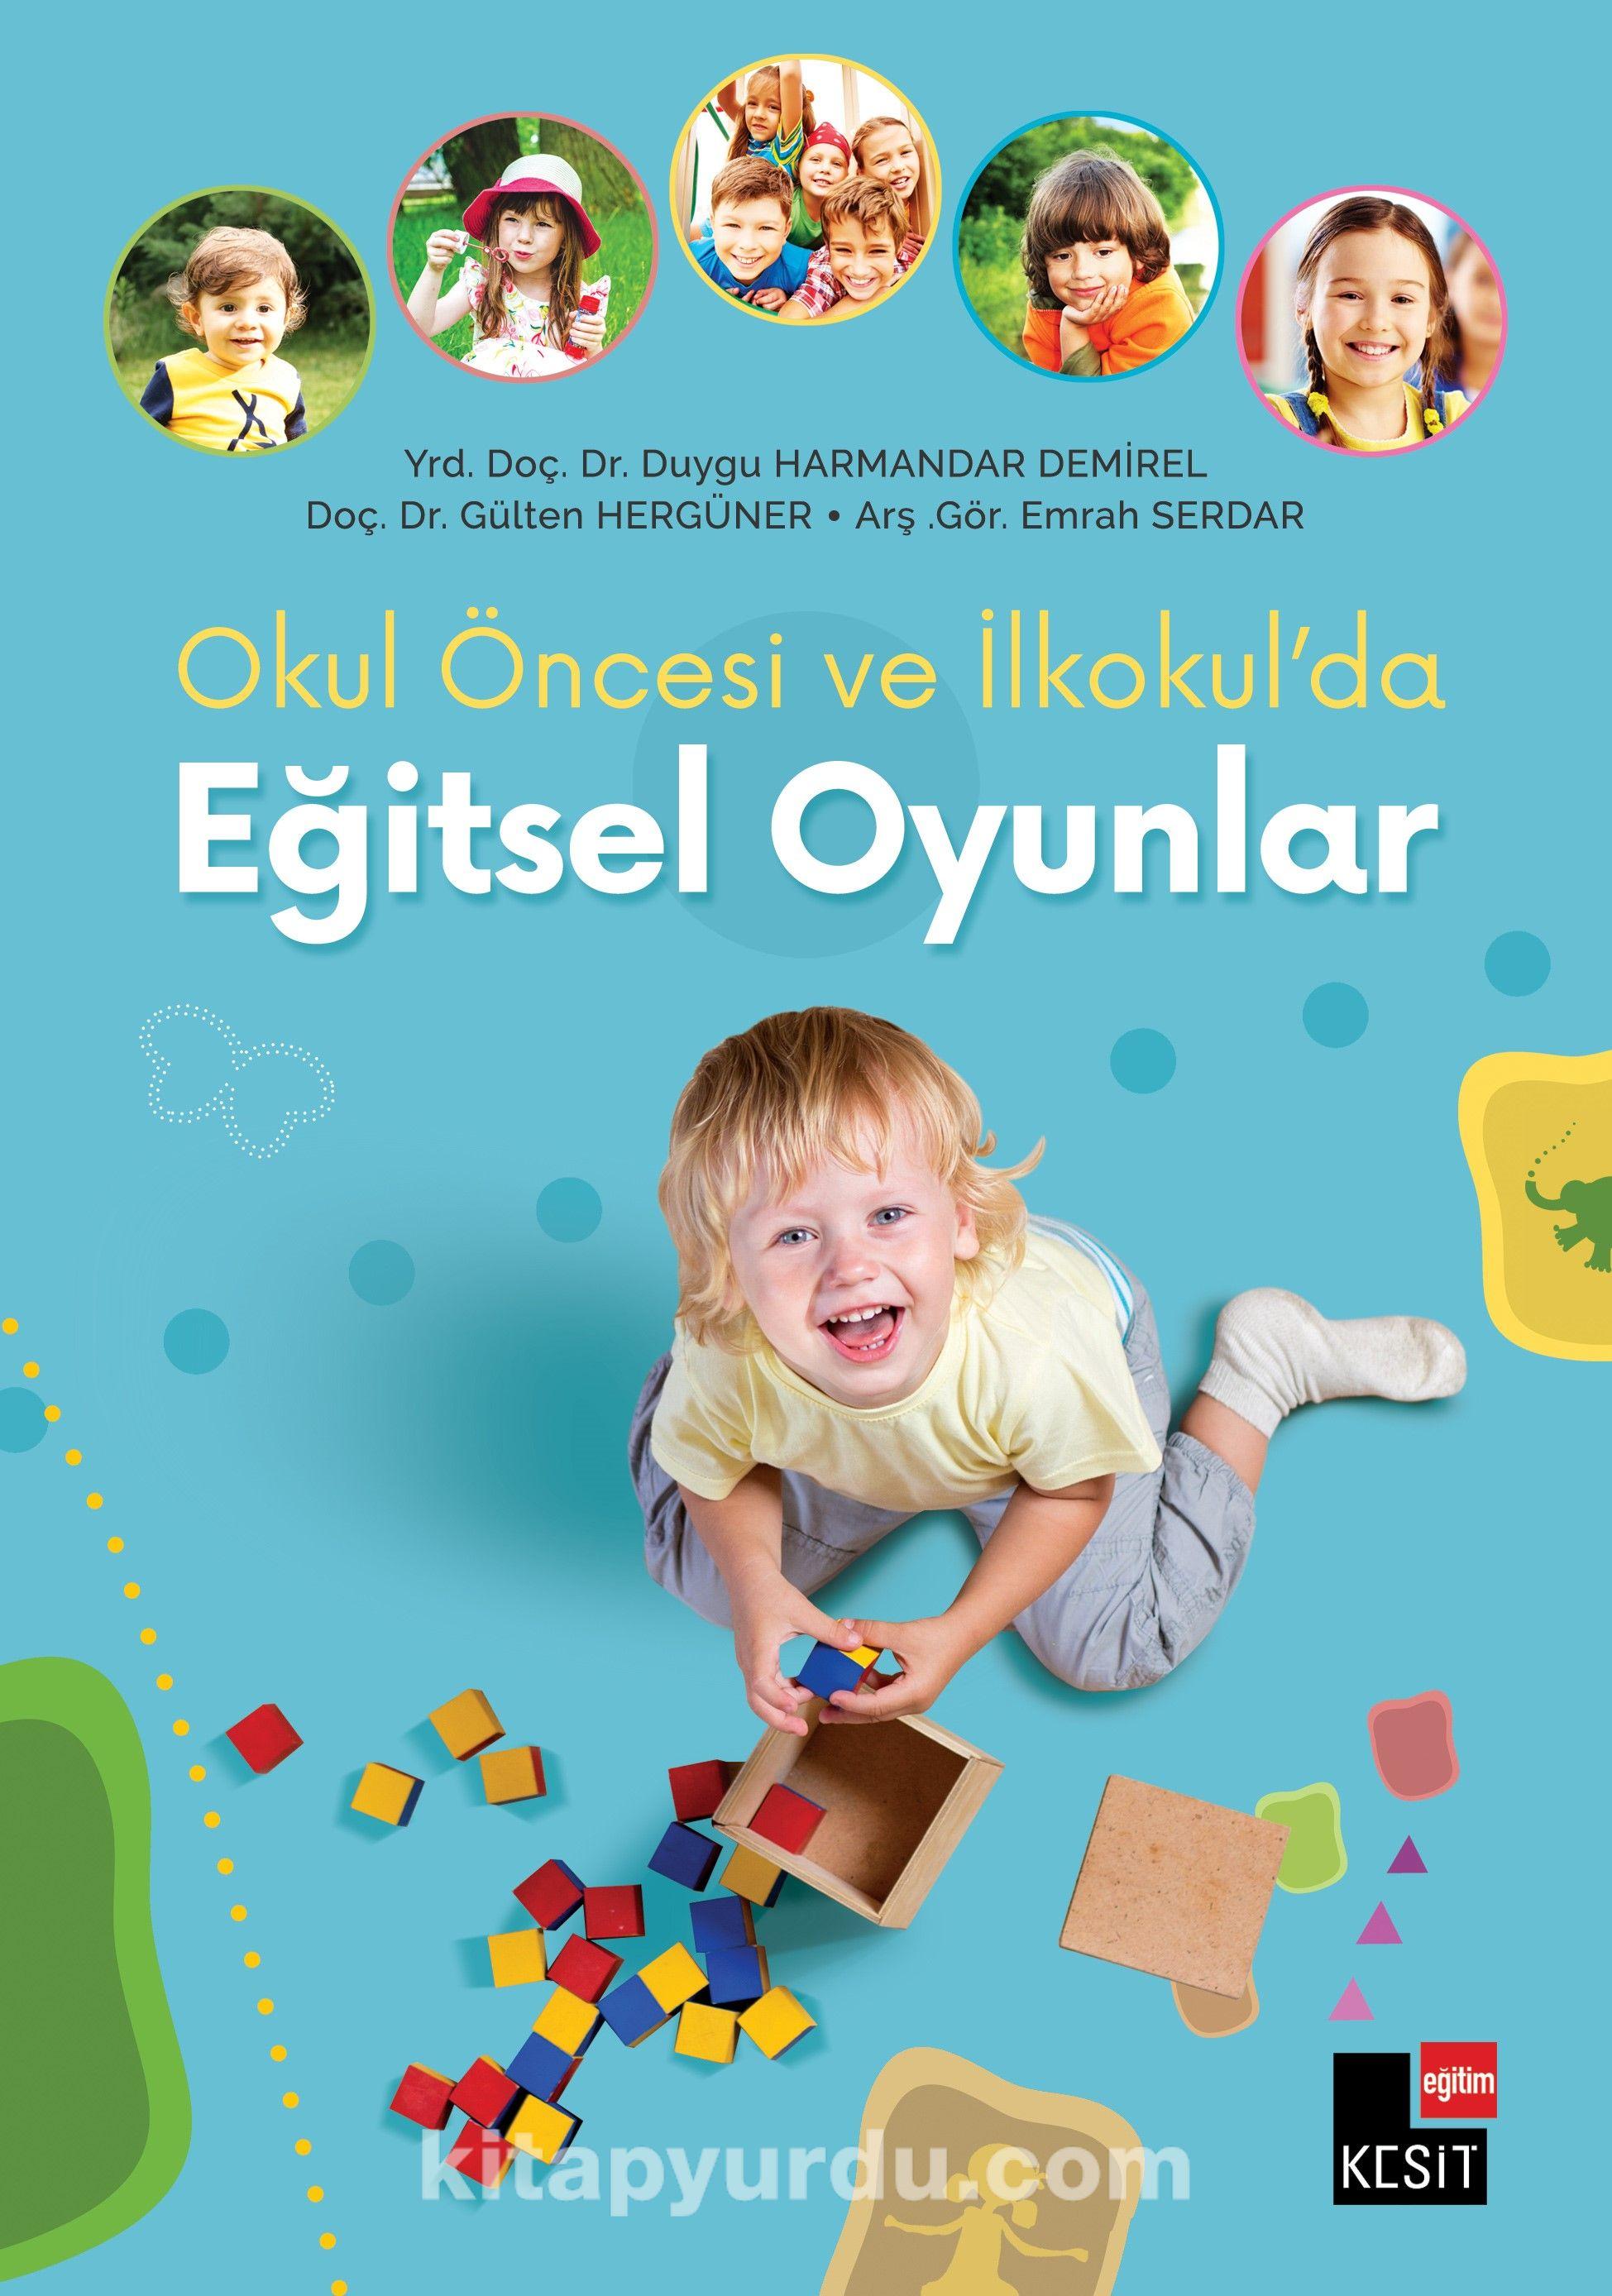 Okul Öncesi ve İlkokul'da Eğitsel Oyunlar - Kollektif pdf epub